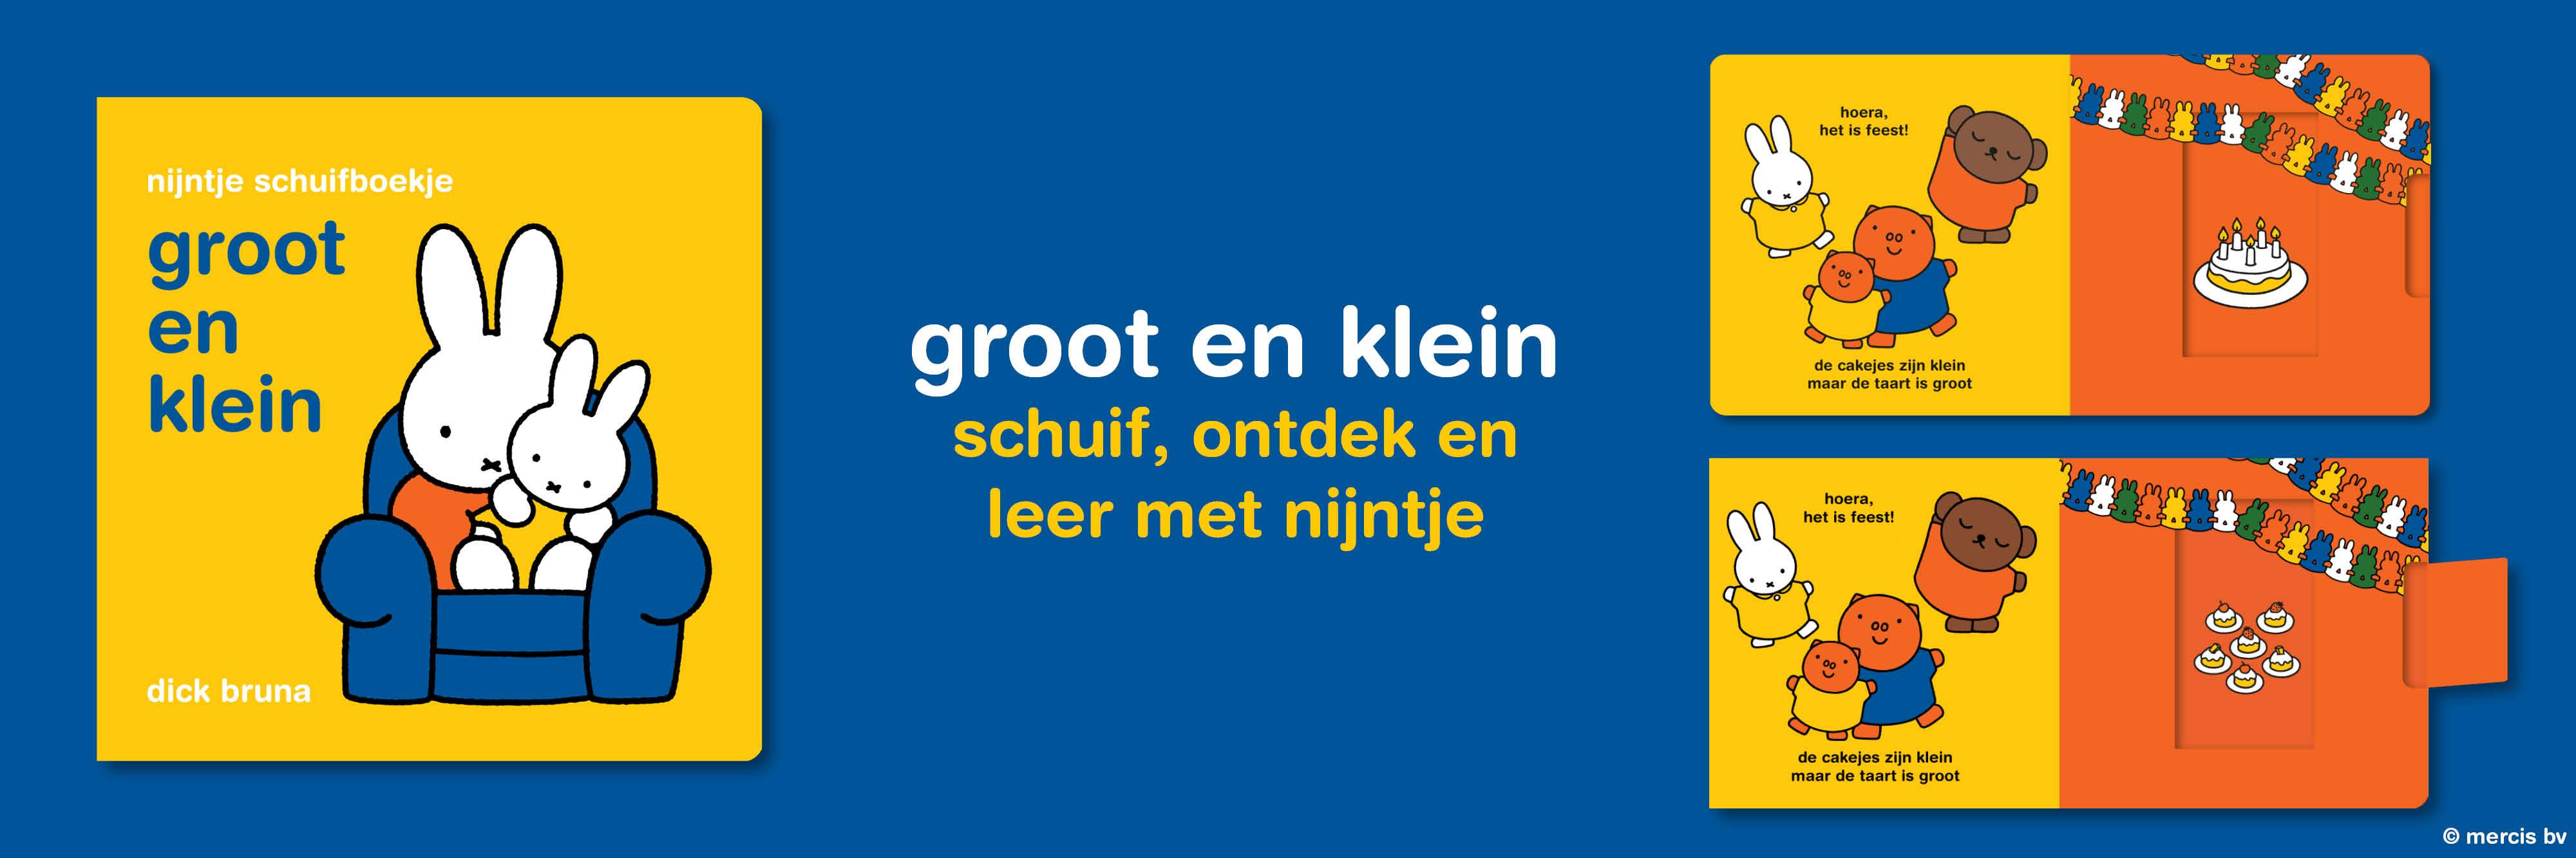 304585 banner schuifboek2 50d84e original 1550758957